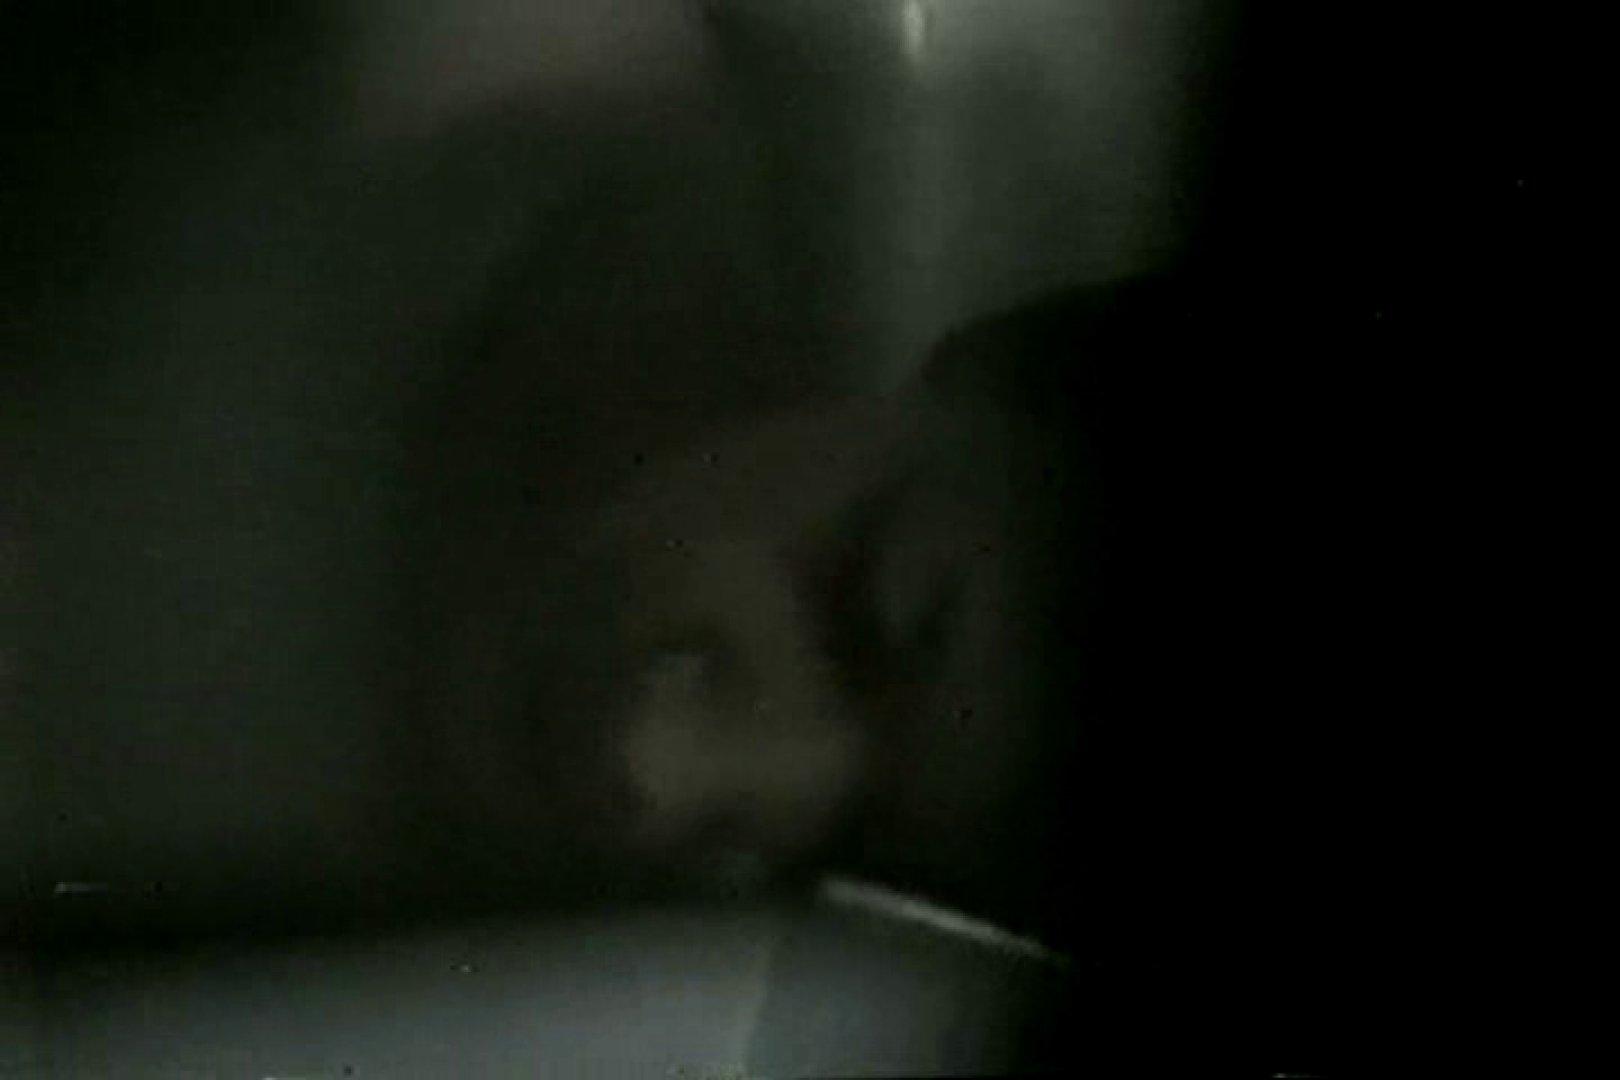 深夜の撮影会Vol.6 OLの実態  56pic 40